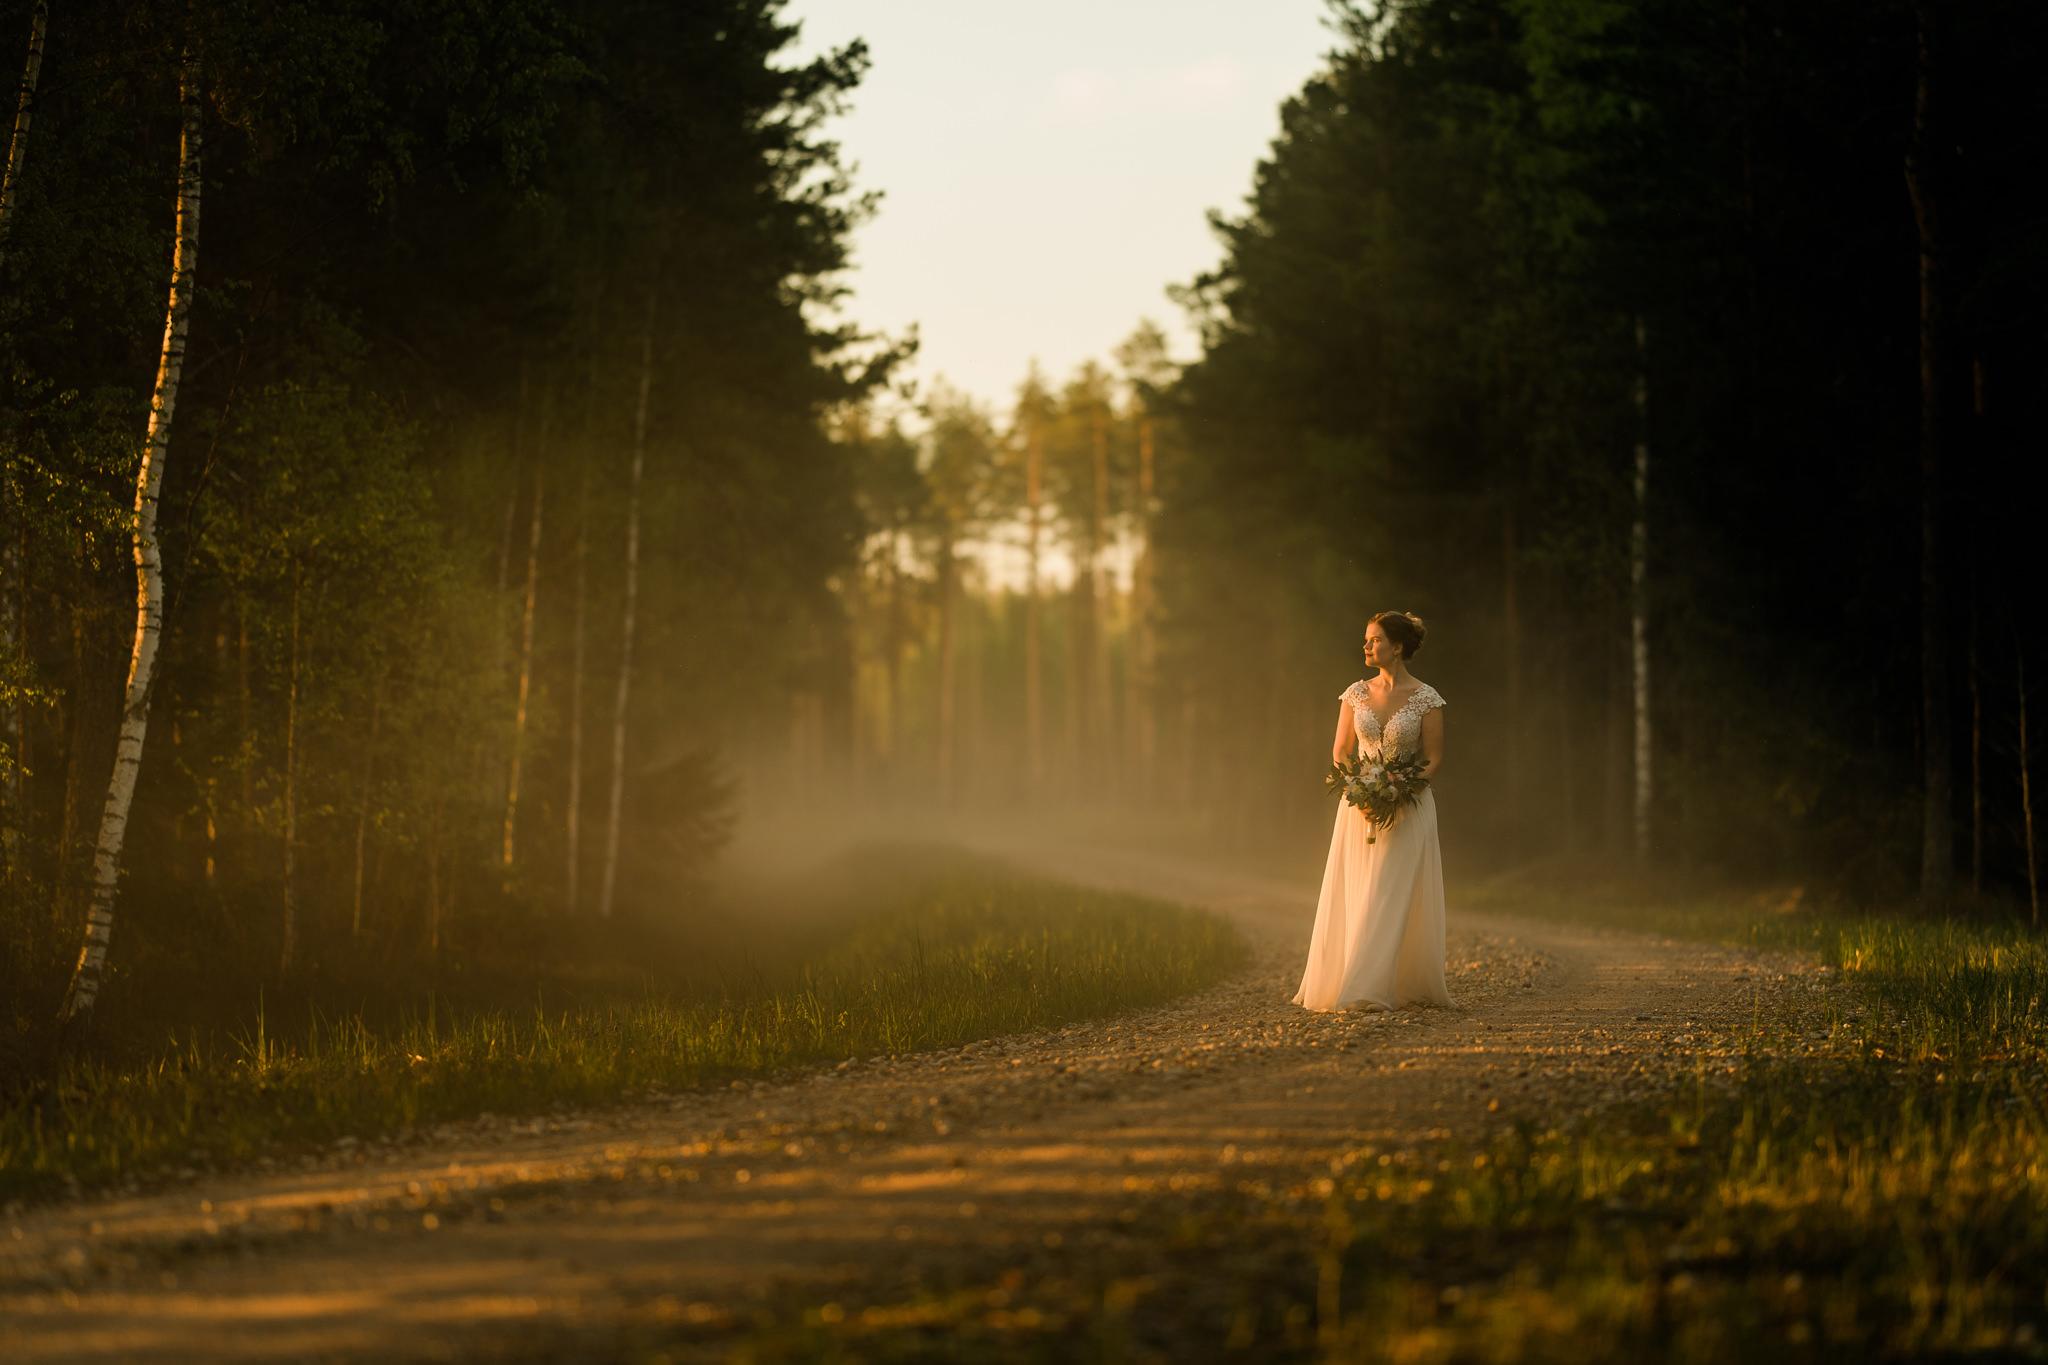 eesti-parim-pulmafotograaf-pulmad-soomaa-raba-mait-juriado-mj-st